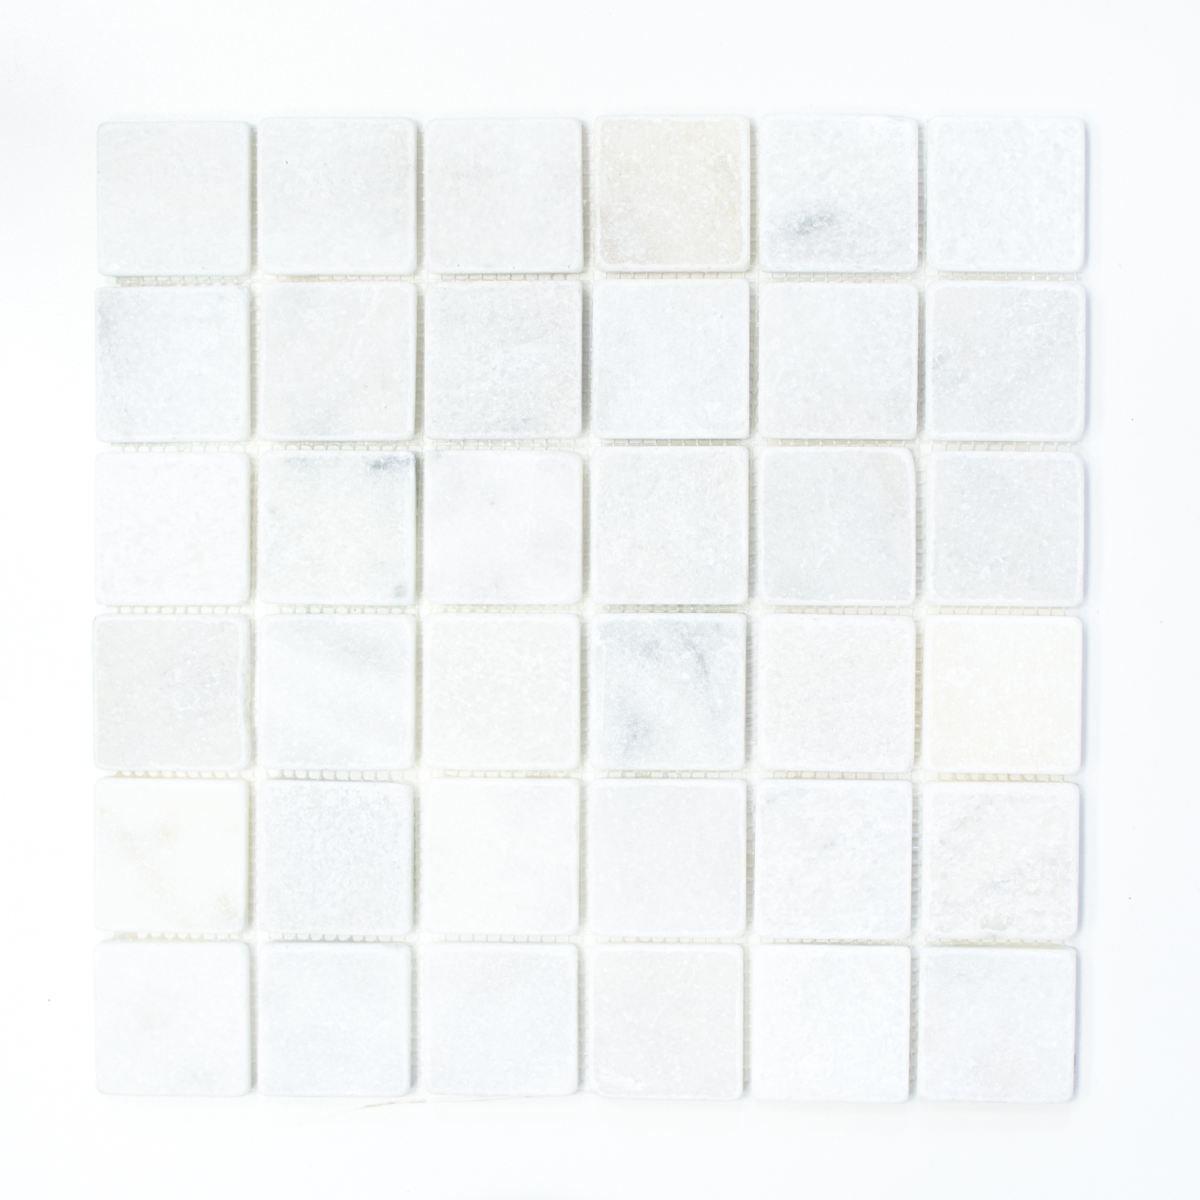 mosaico azulejos má rmol piedra natural blanco ibiza Antique Marble para pared bañ o inodoro ducha cocina azulejos Espejo Mostradores cubierta para bañ era. Mosaico Matte mosaico placa Mosaik-Netzwerk